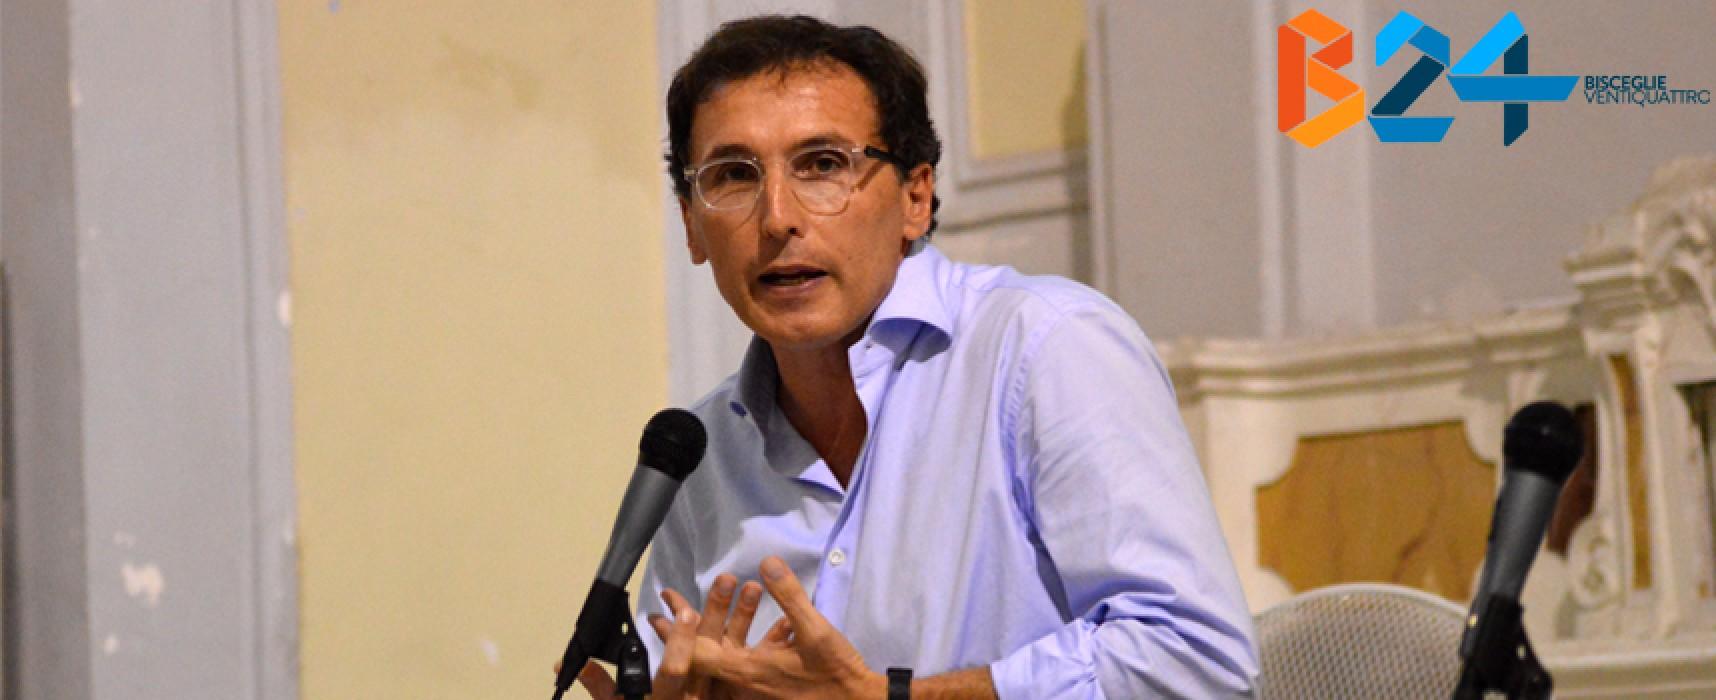 """Crisi, lettera aperta di Boccia a Renzi: """"Ascolta anche chi non la pensa allo stesso modo"""""""